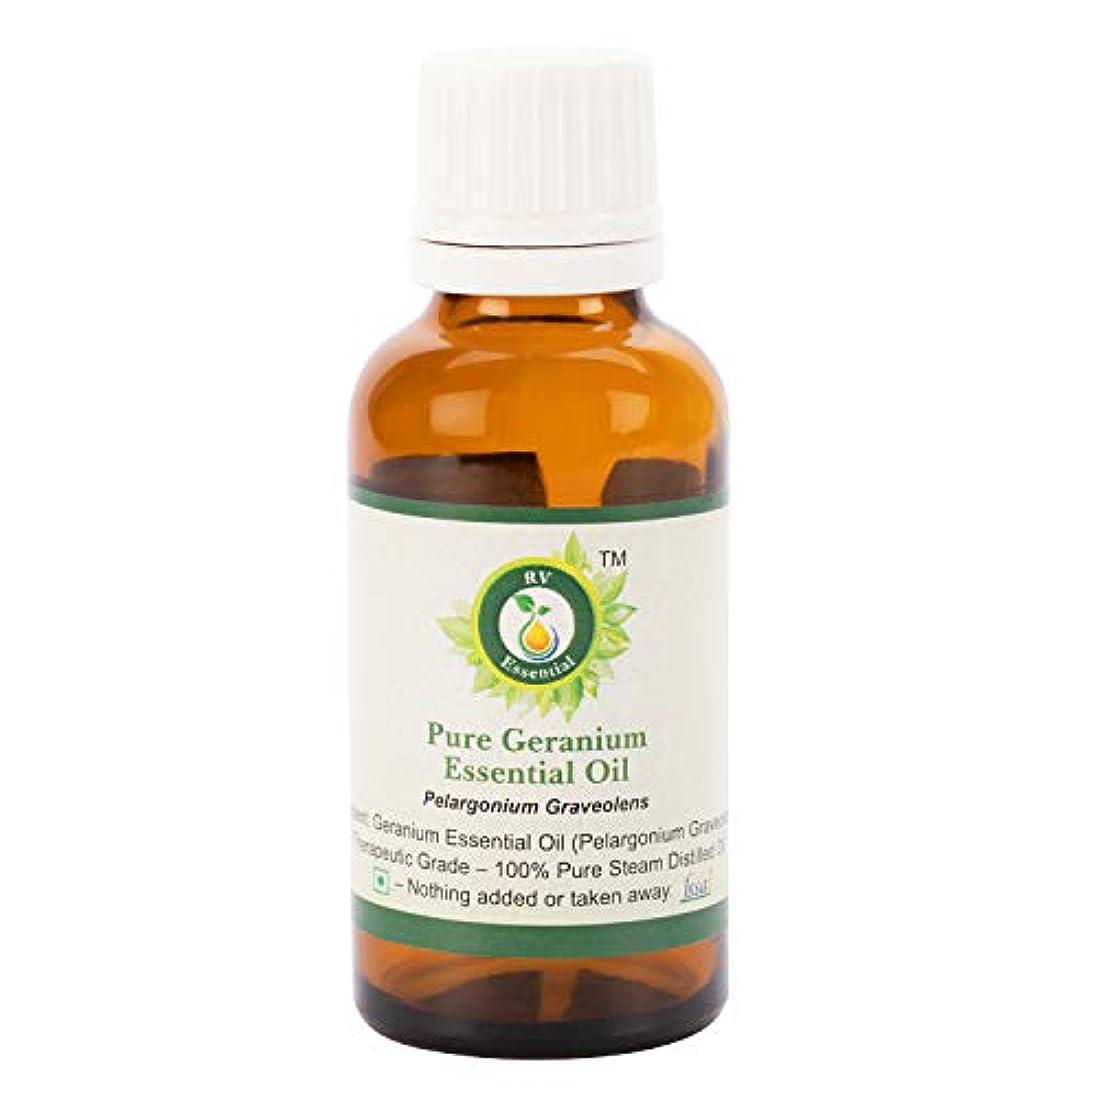 衣装採用する匿名ピュアゼラニウムエッセンシャルオイル300ml (10oz)- Pelargonium Graveolens (100%純粋&天然スチームDistilled) Pure Geranium Essential Oil